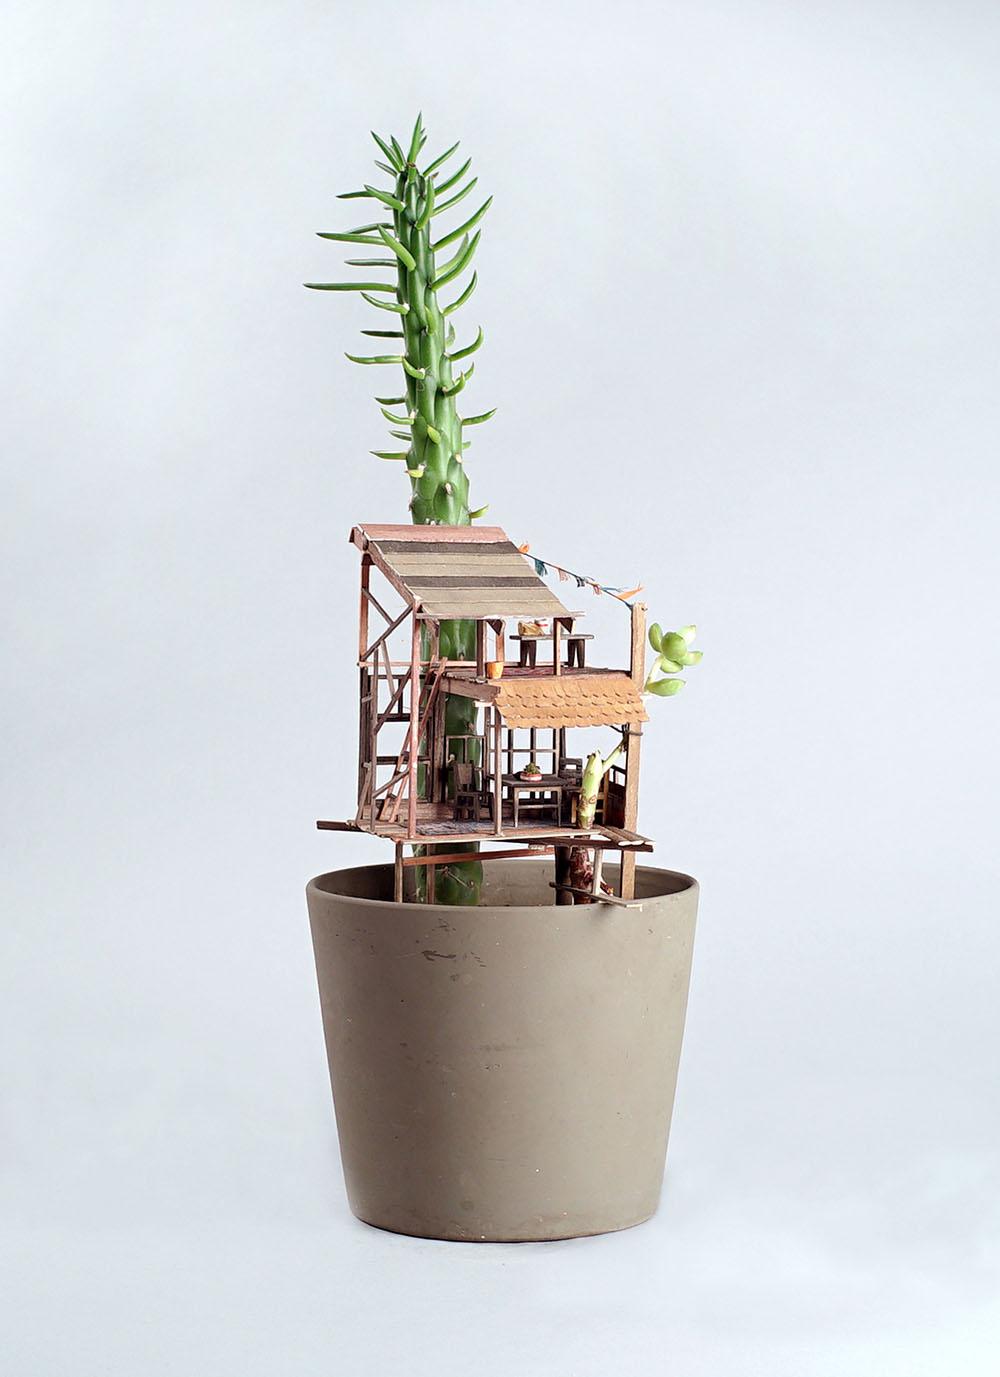 Miniature Sculptures Plant Decor on Succulent in Round Concrete Pot Jedediah Voltz